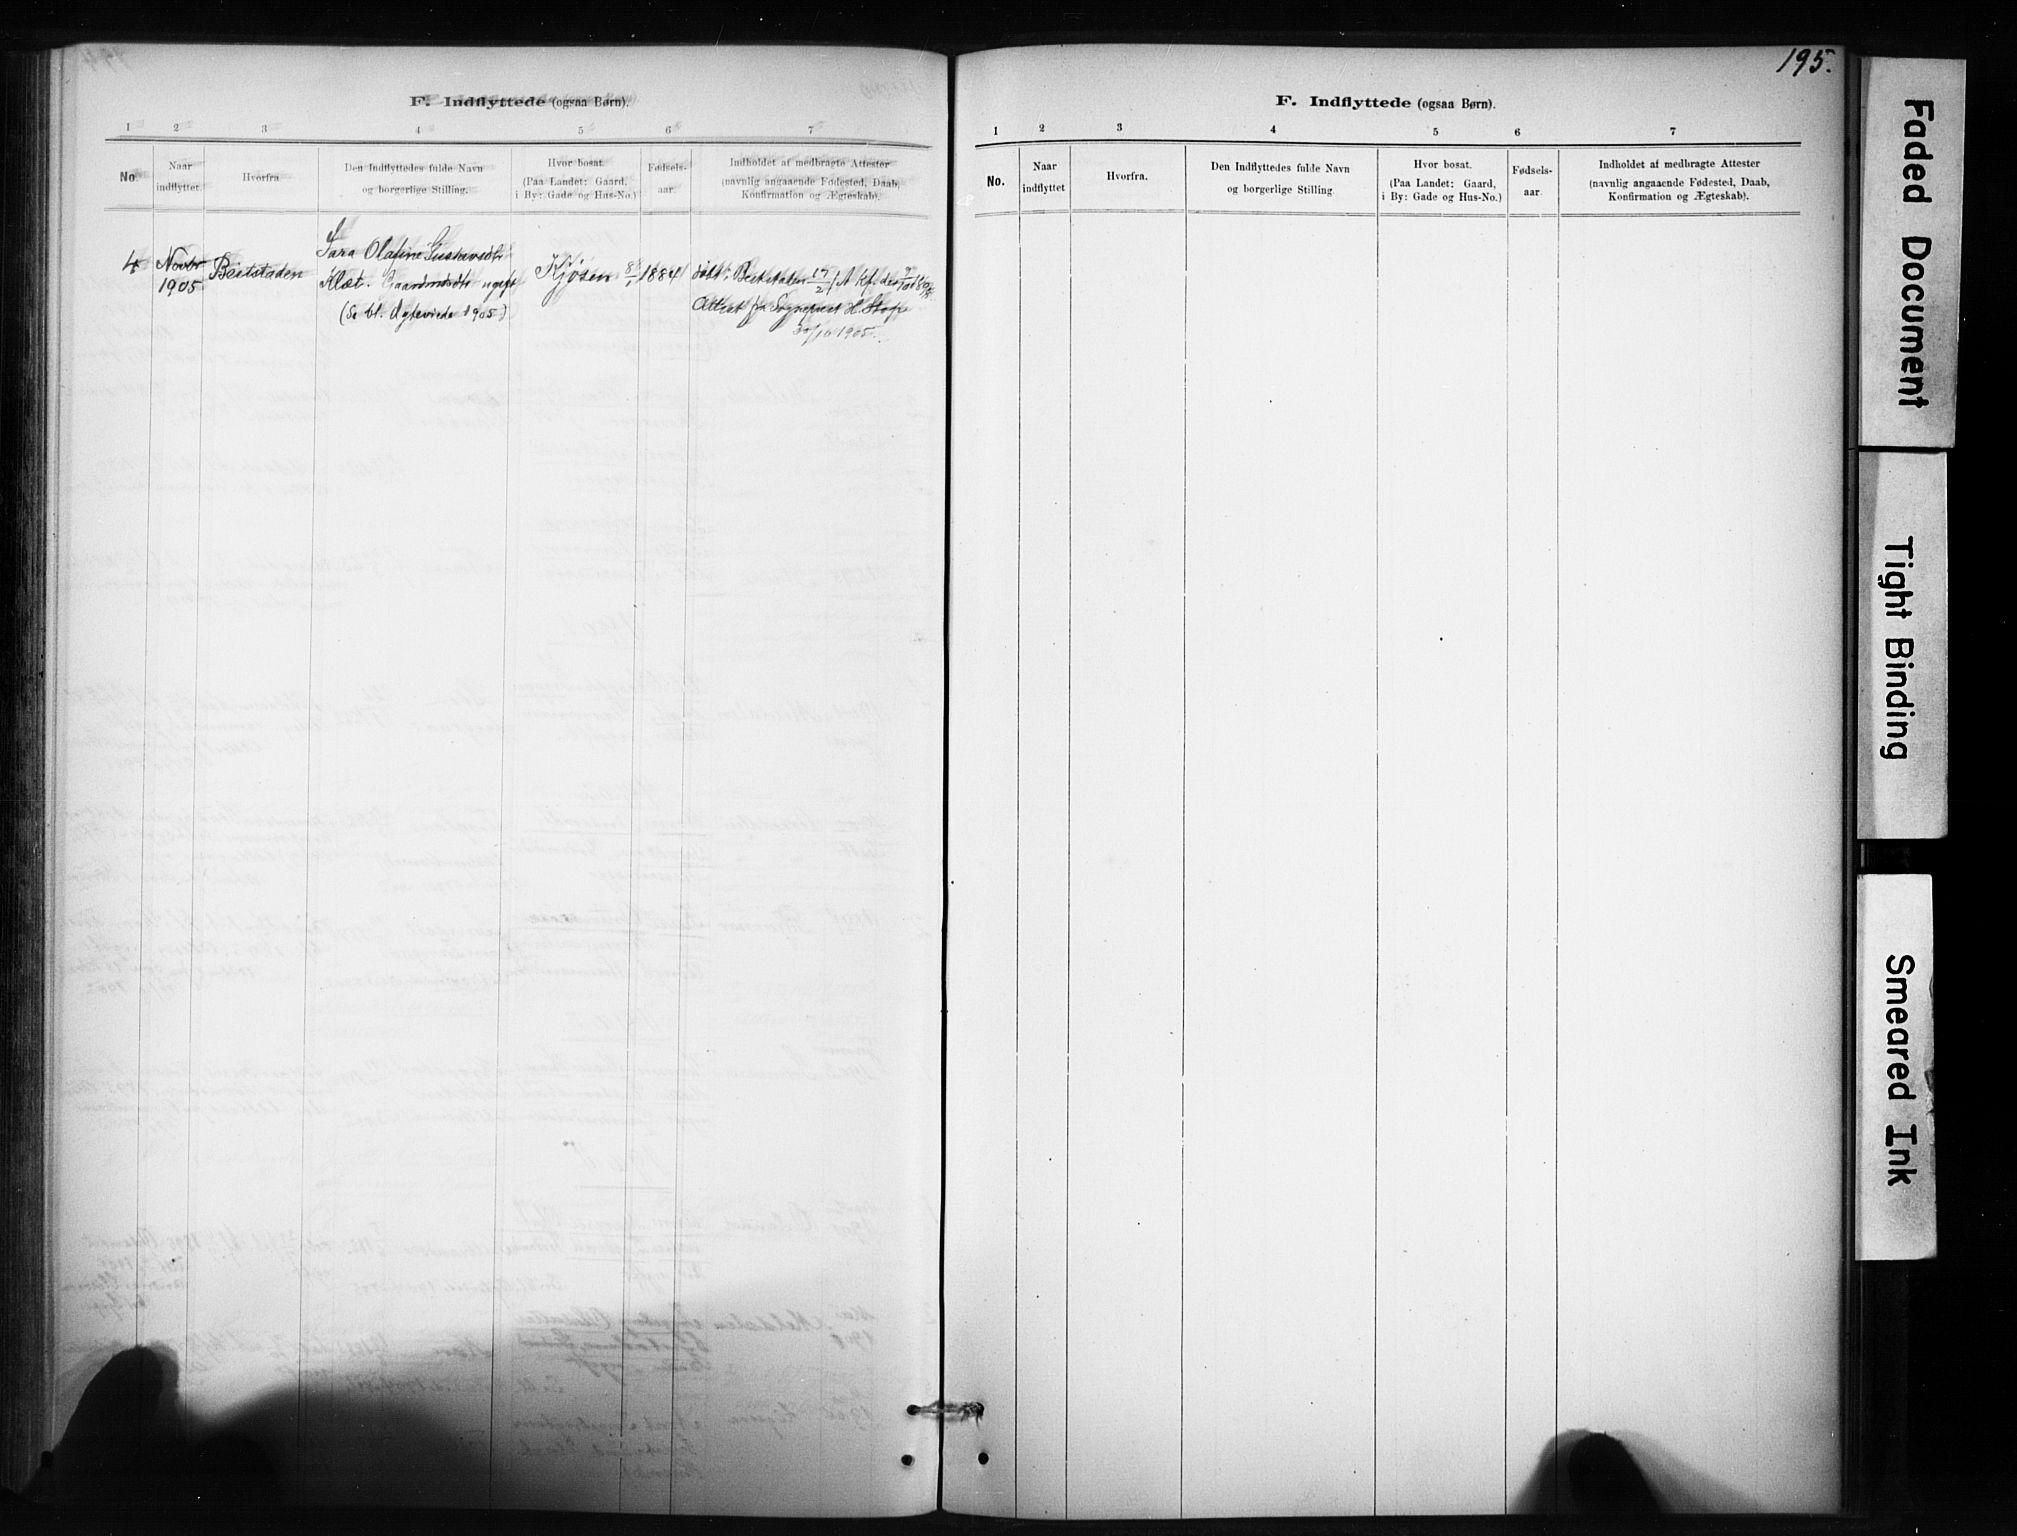 SAT, Ministerialprotokoller, klokkerbøker og fødselsregistre - Sør-Trøndelag, 694/L1127: Ministerialbok nr. 694A01, 1887-1905, s. 195